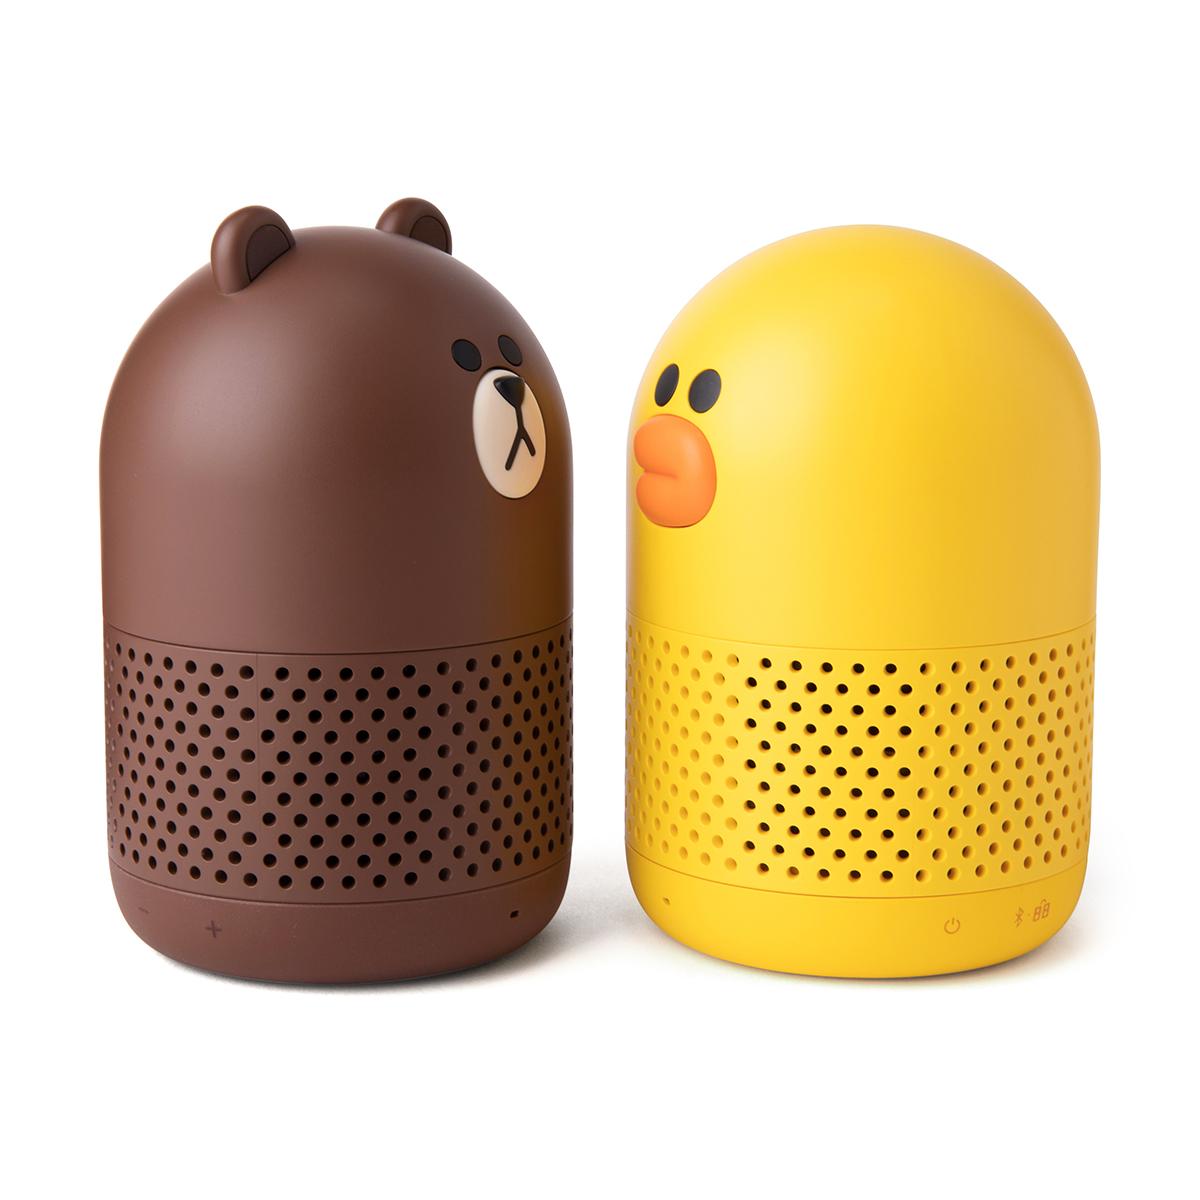 Friends Duo Wireless Speaker